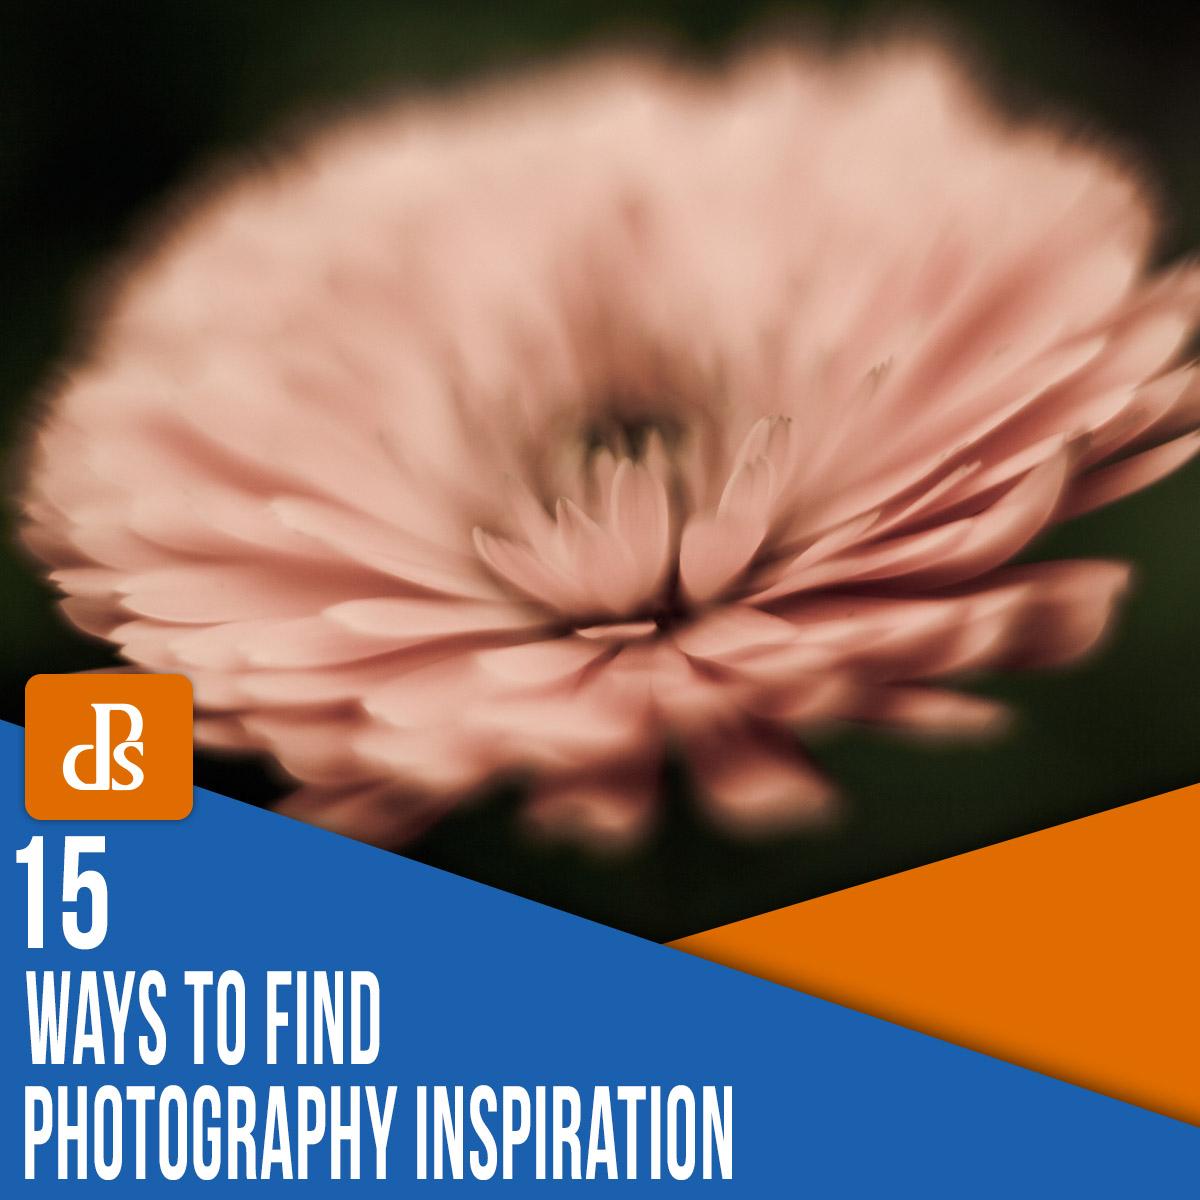 maneiras de encontrar inspiração na fotografia